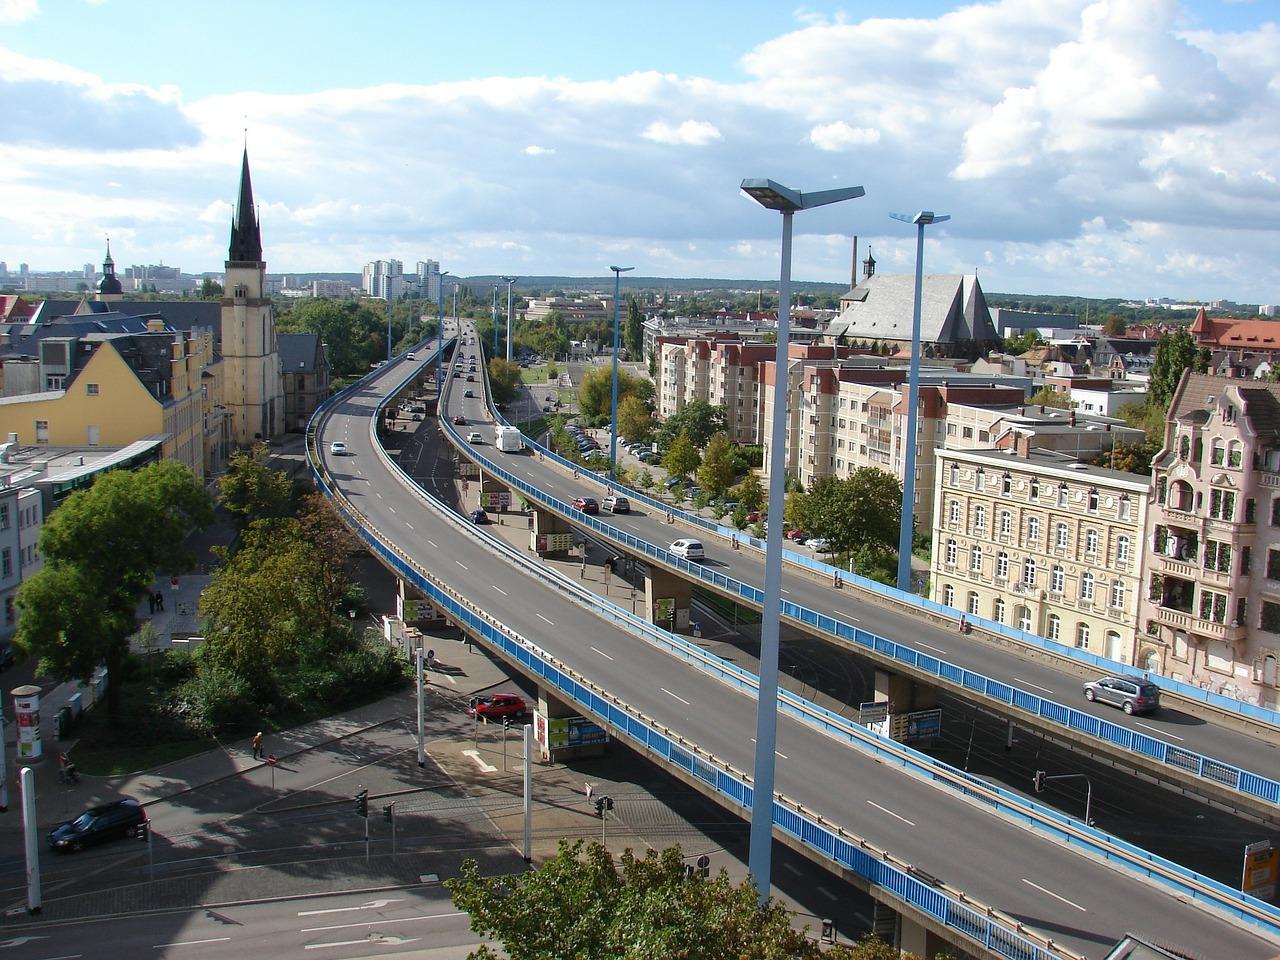 Ein wirtschaftliches wie kulturelles Zentrum, aber Halle (Saale) ist kein industrieller Schwerpunkt im Land.